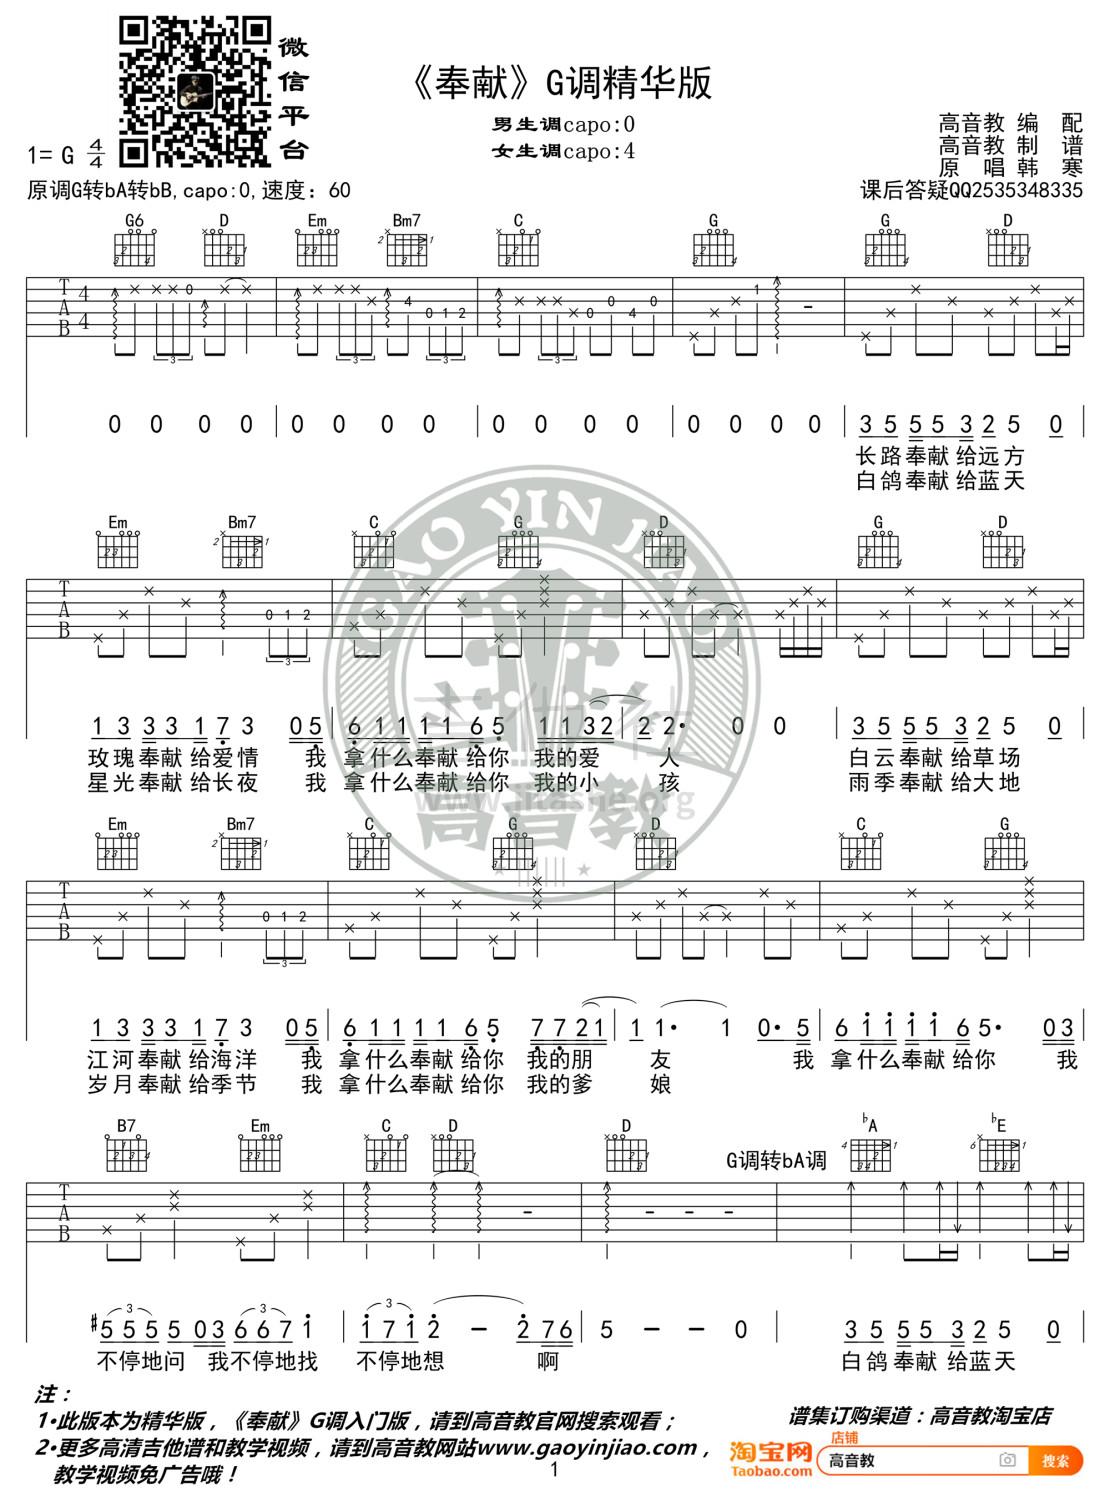 奉献(电影《飞驰人生》片尾曲)吉他谱(图片谱,弹唱,G调,精华版)_韩寒_《奉献》G调精华版01.jpg